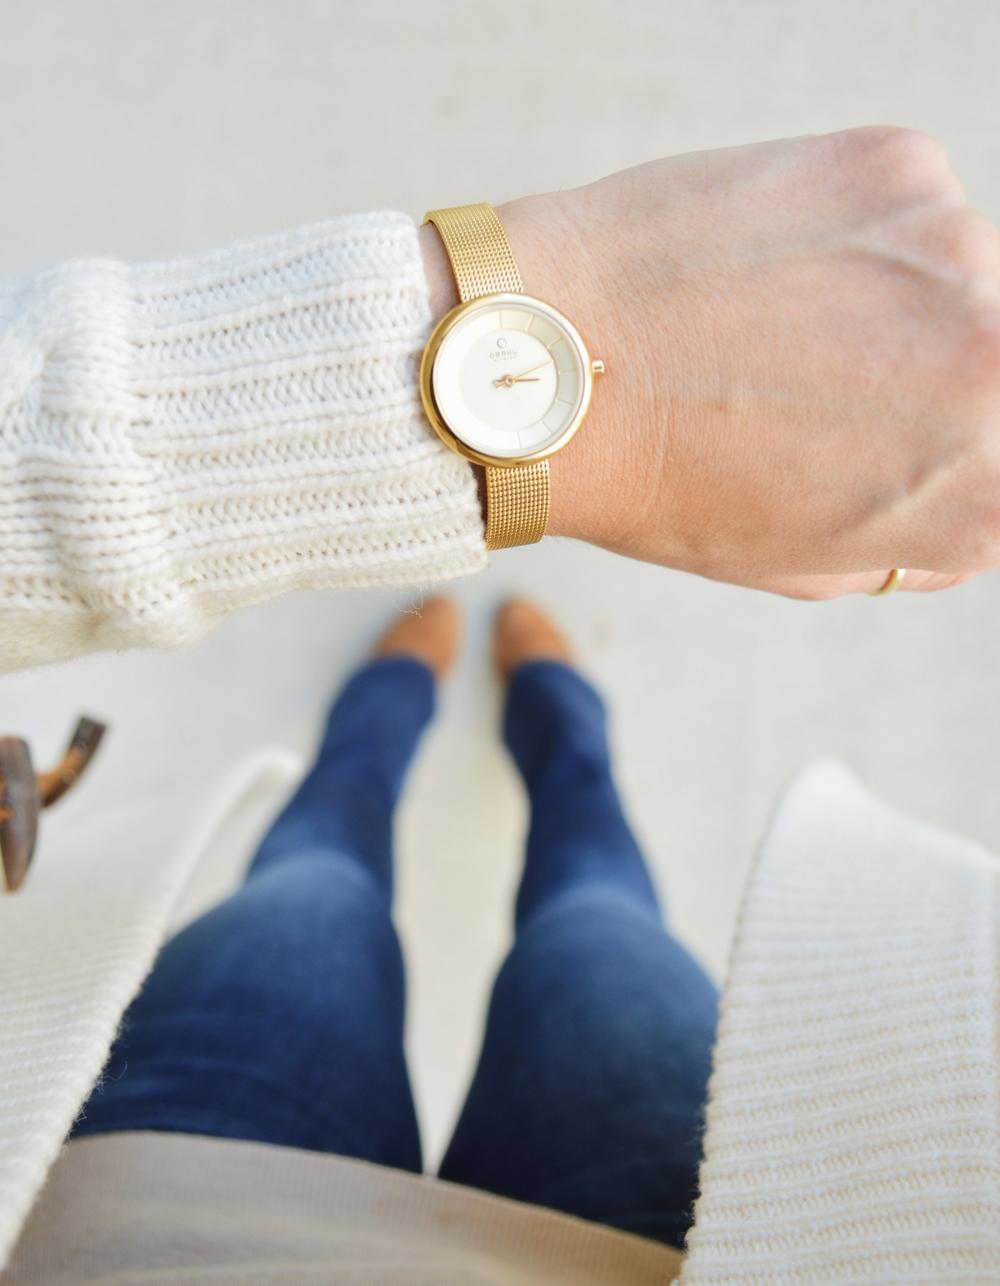 LaurenSchwaiger-Life-Style-Blog-Obaku-Gold-Ladies-Watch.jpg